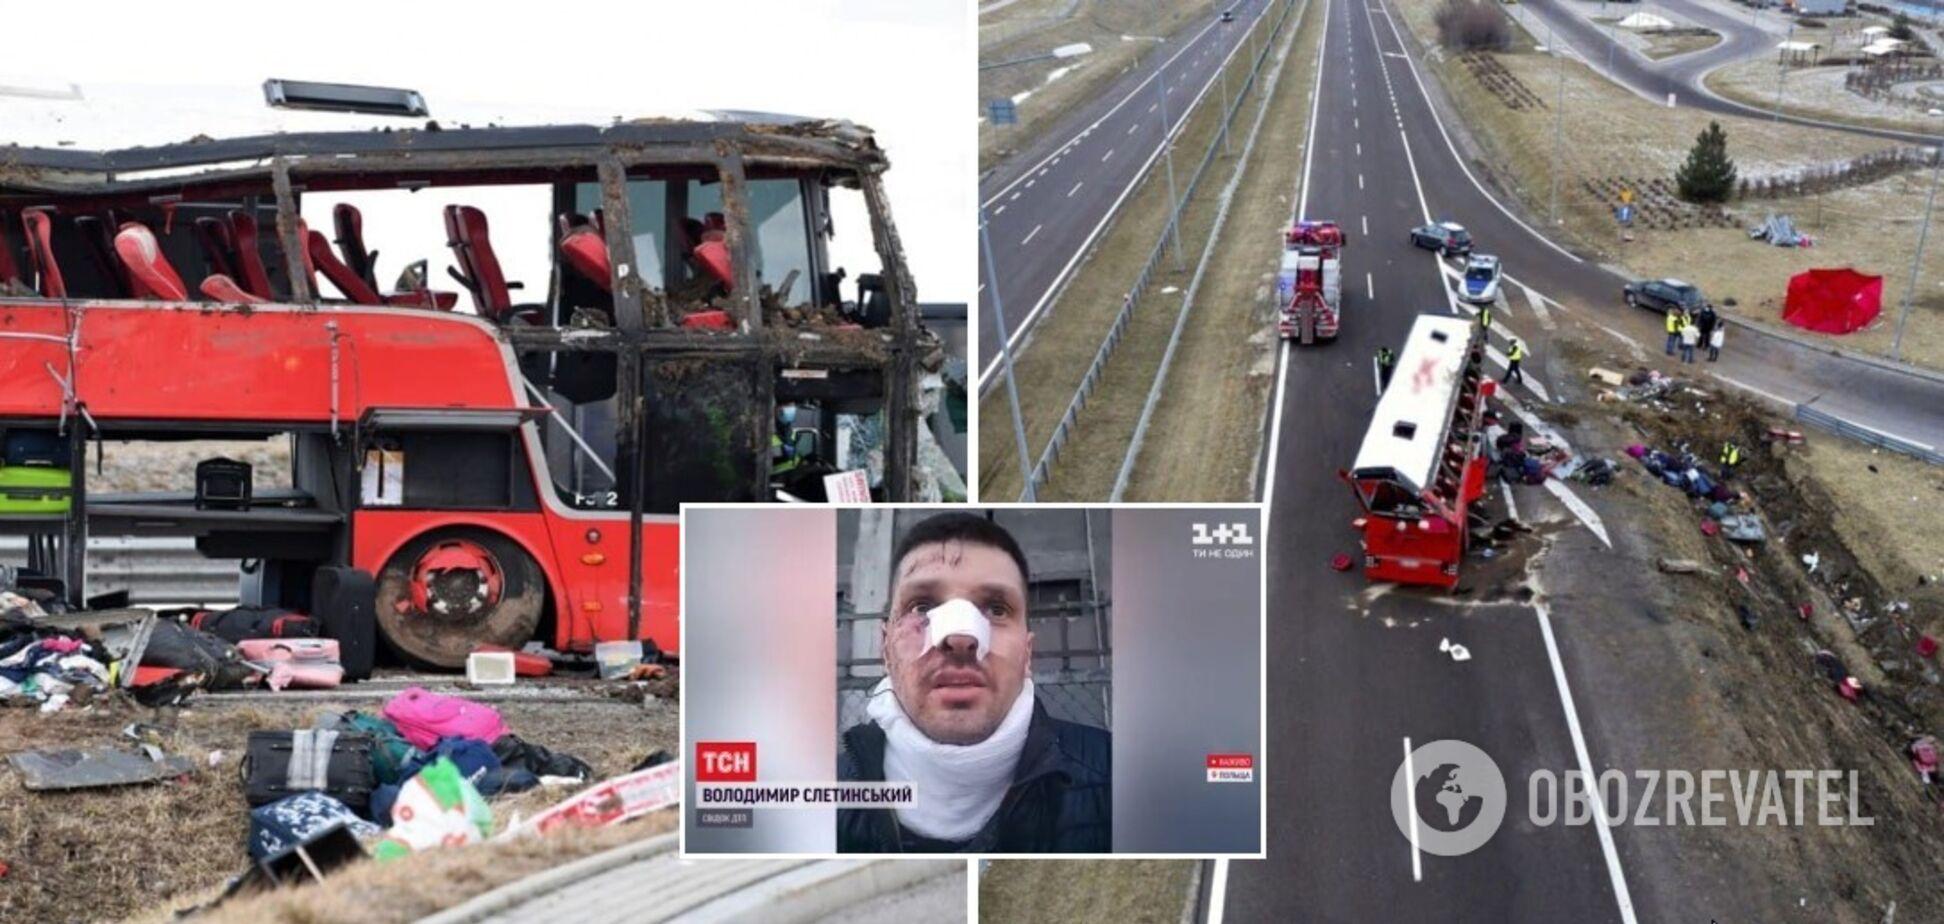 Свідки розповіли про момент ДТП у Польщі